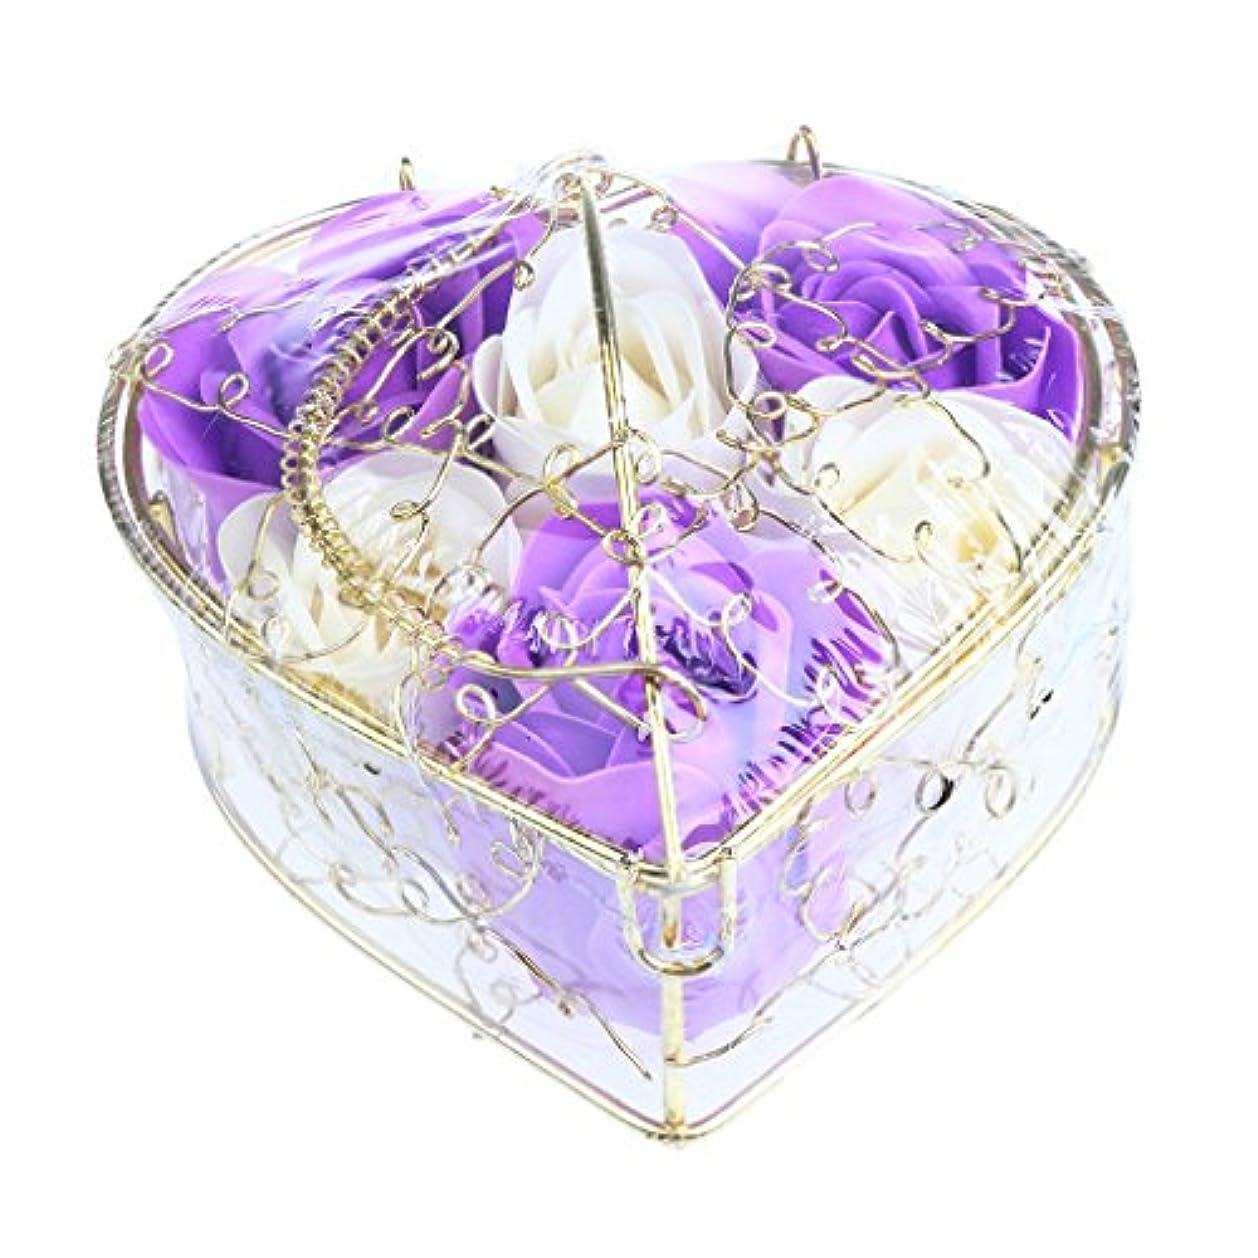 労働無臭田舎6個 石鹸の花 母の日 プレゼント 石鹸 お花 枯れないお花 心の形 ギフトボックス プレゼント 全5仕様選べる - 紫と白